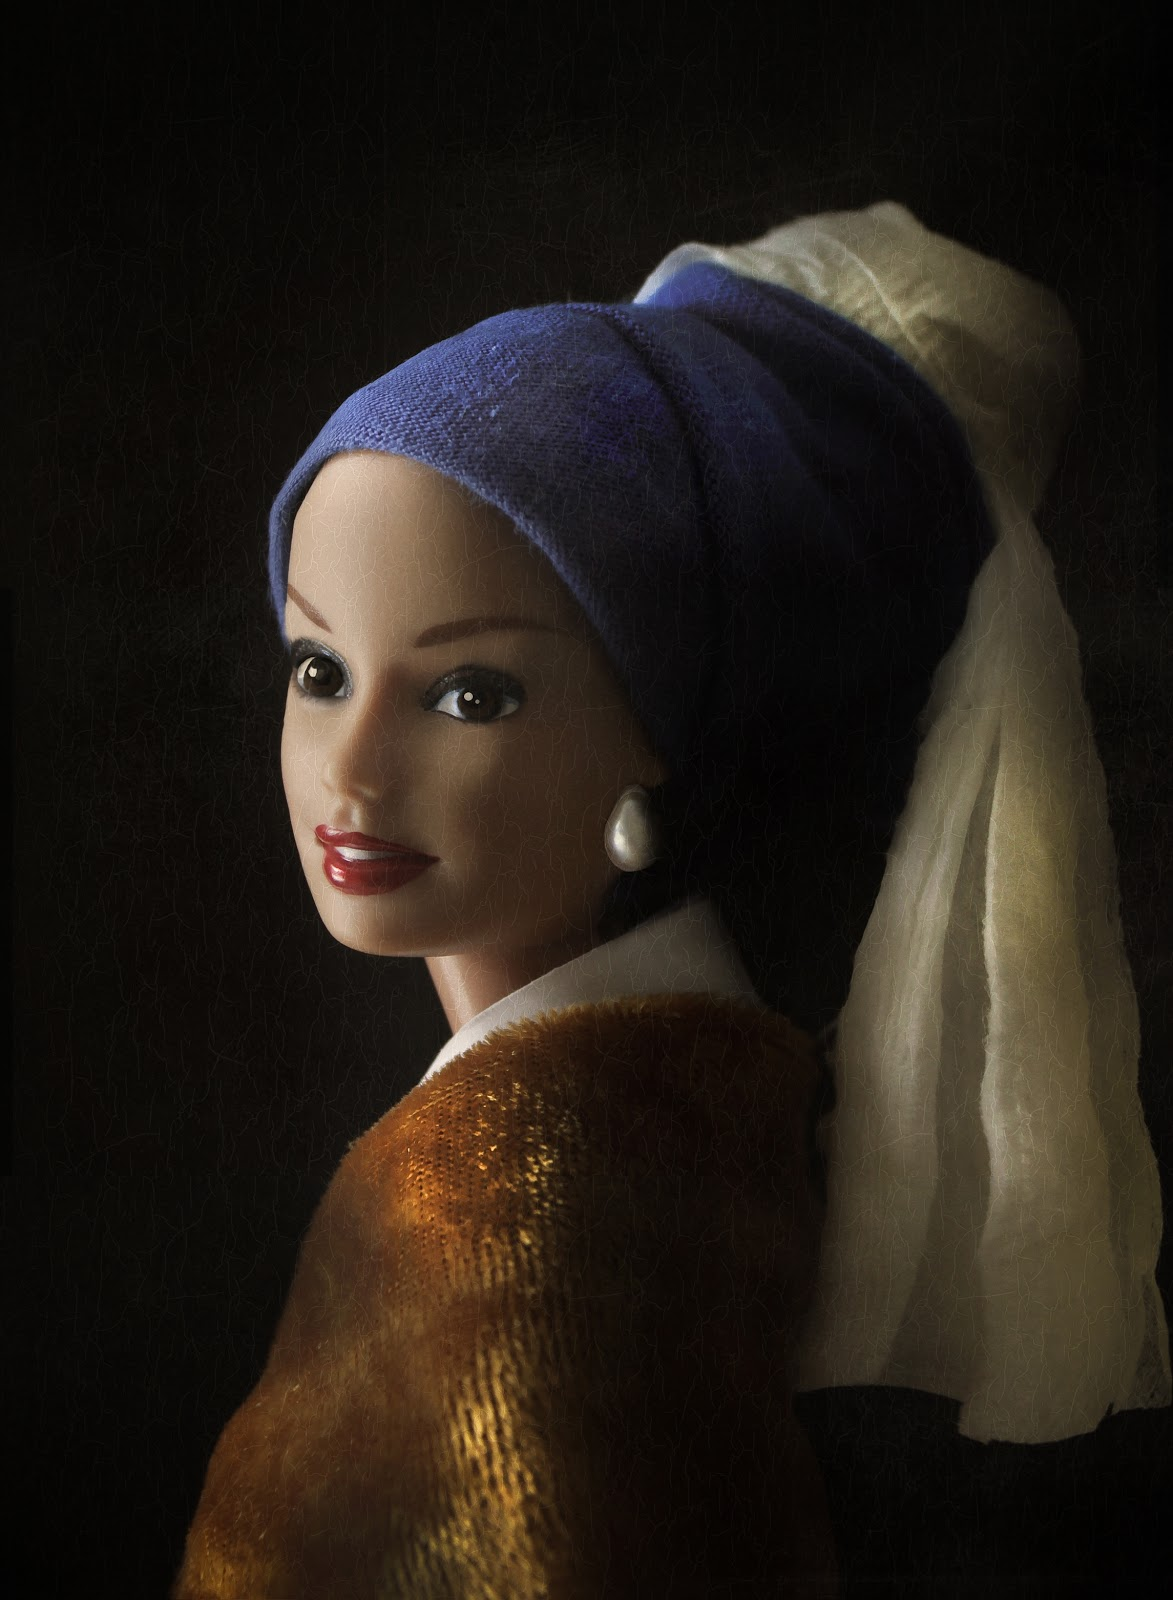 Alberti S Window Barbie In Fine Art